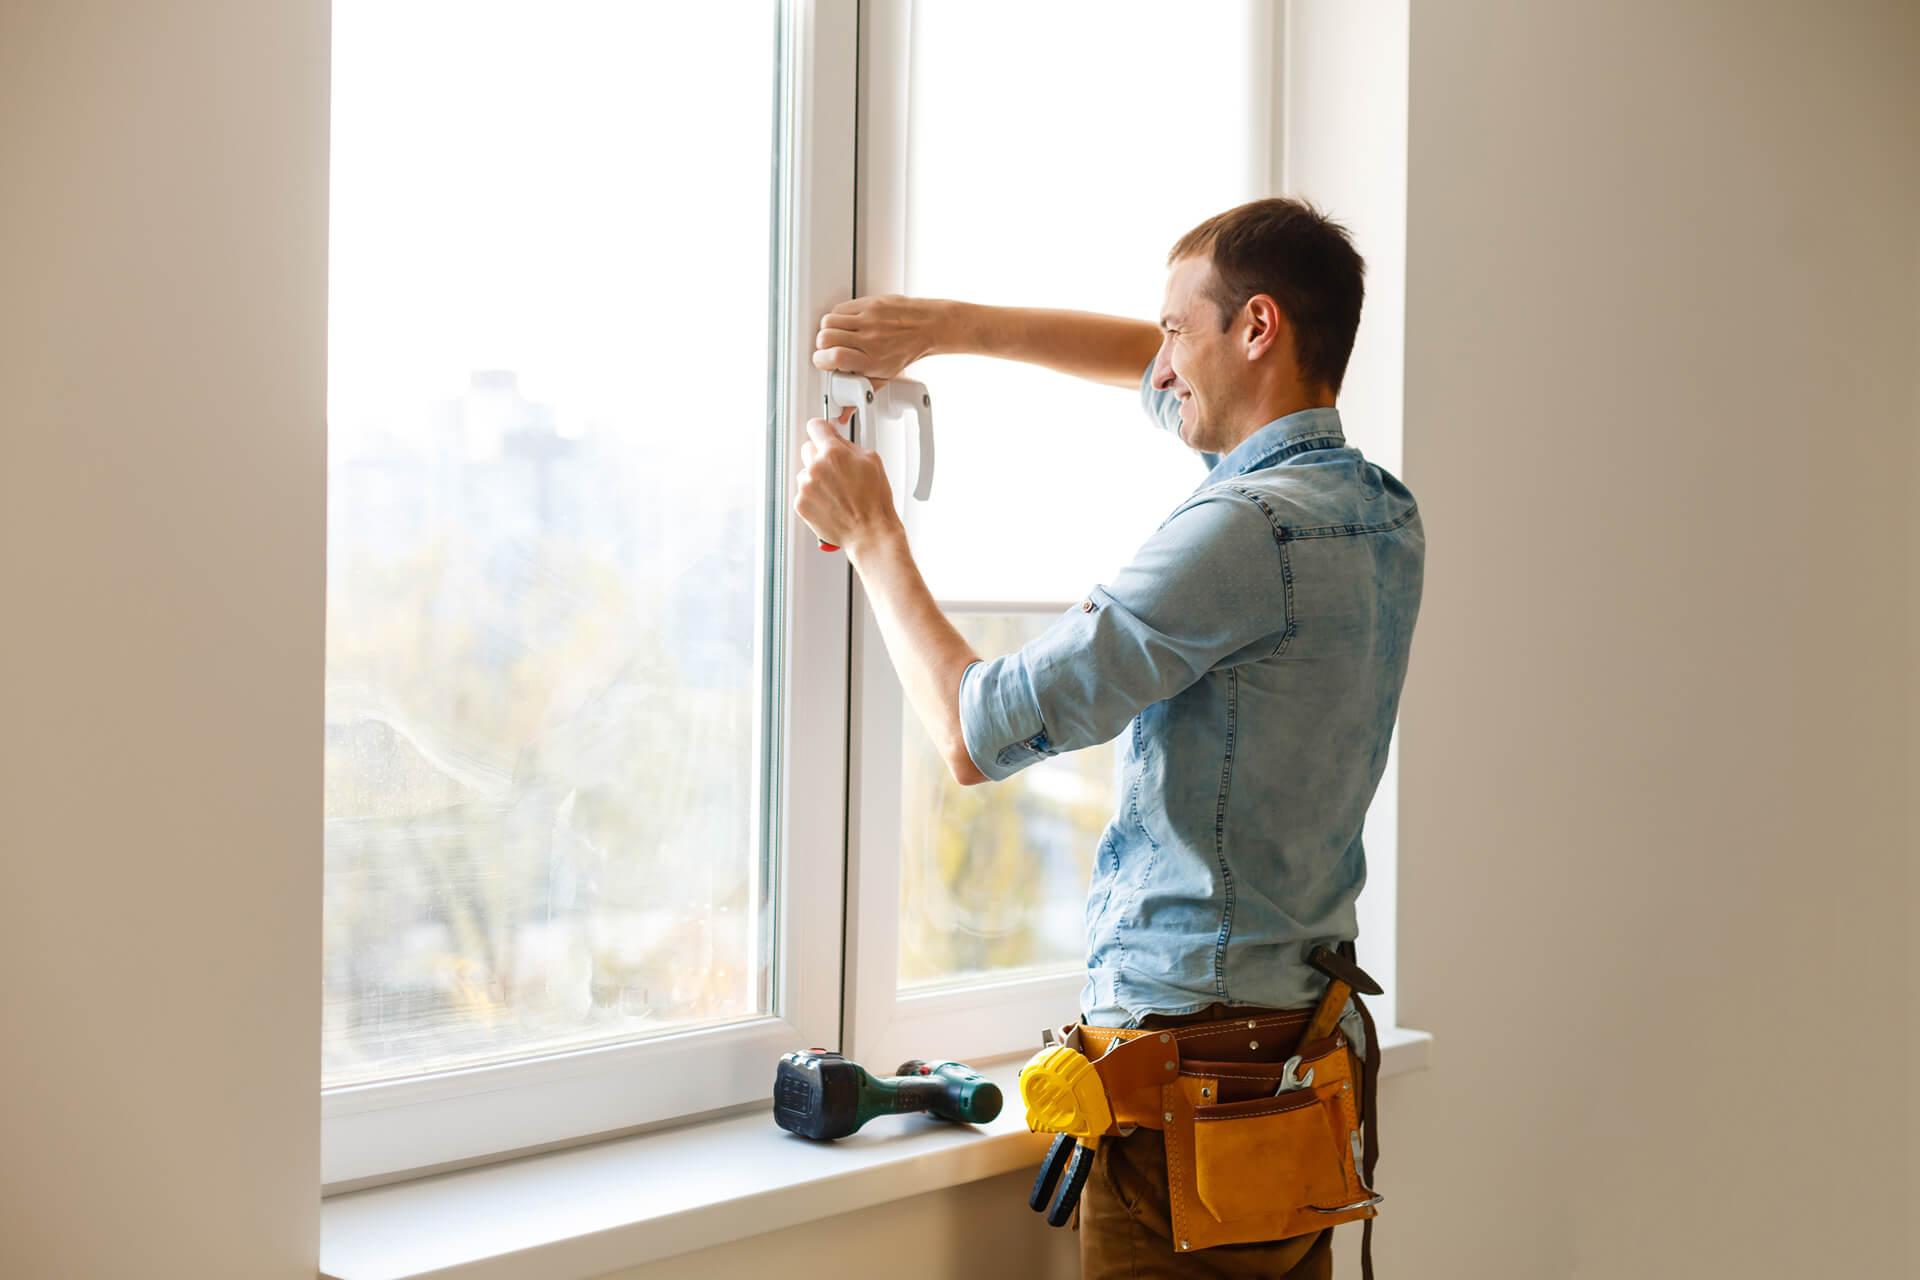 Montowanie okna przez fachowca